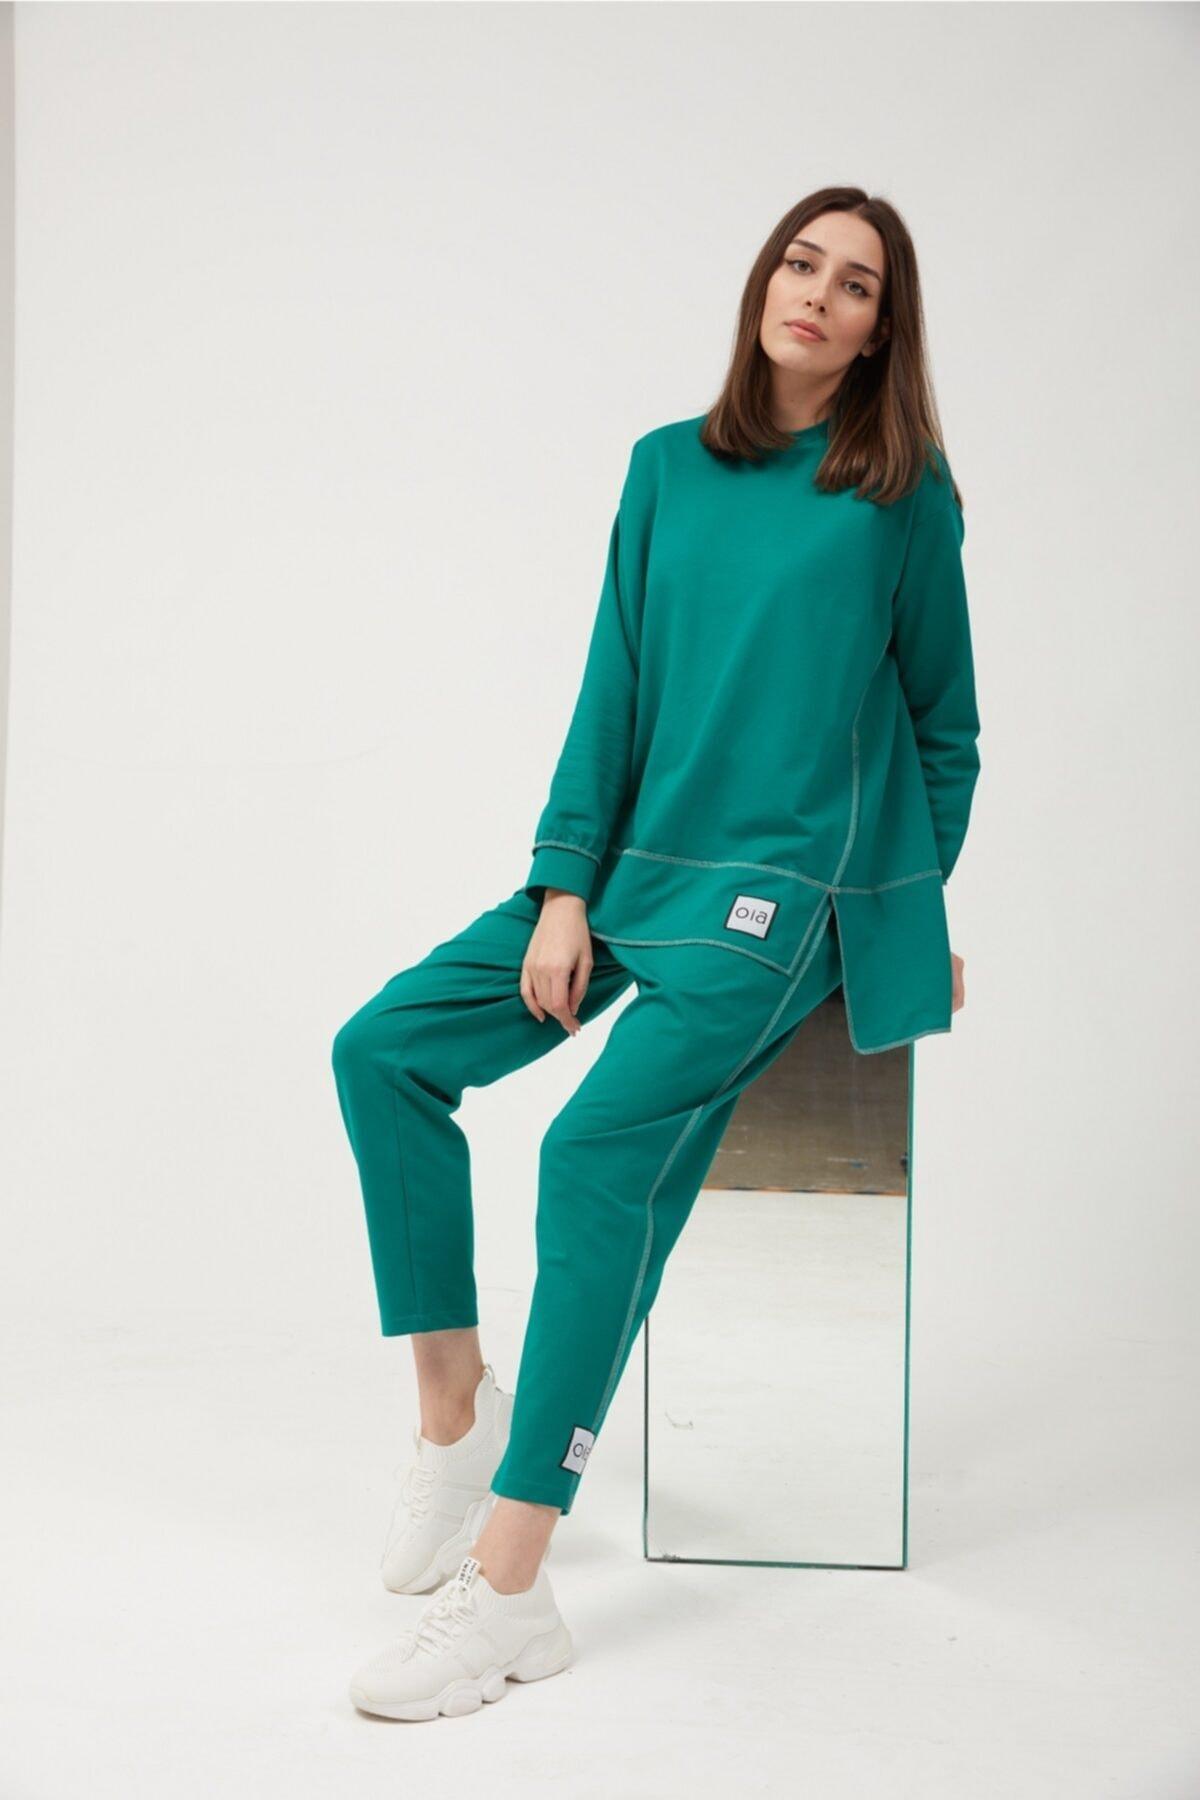 Kadın Yeşil Pamuklu Tunik Eşofman Takım W0943